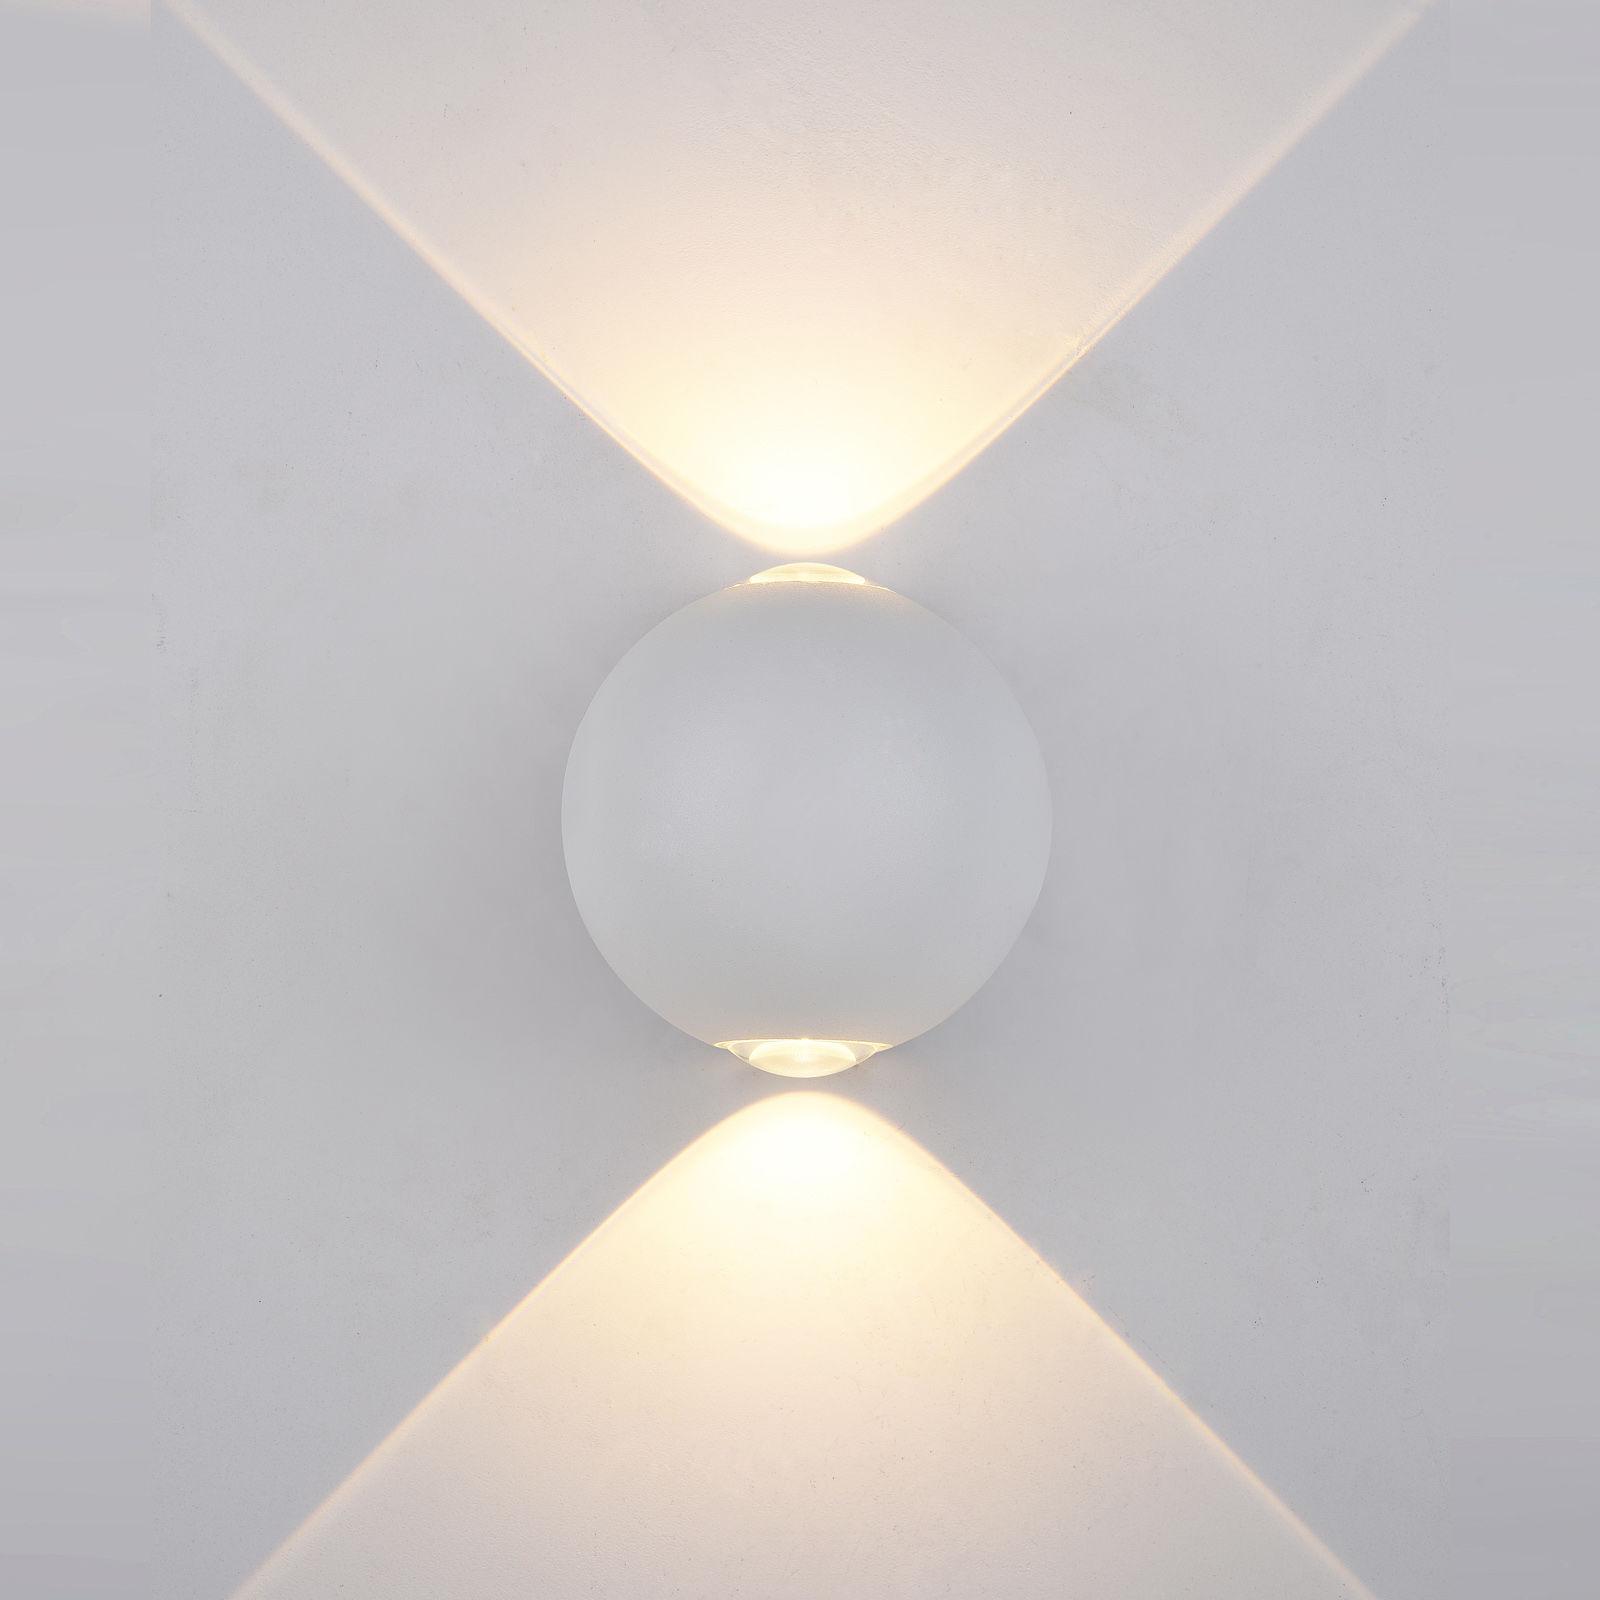 Italux kinkiet lampa ścienna Carsoli PL-308W IP54 biały LED 2W 3000K 10cm